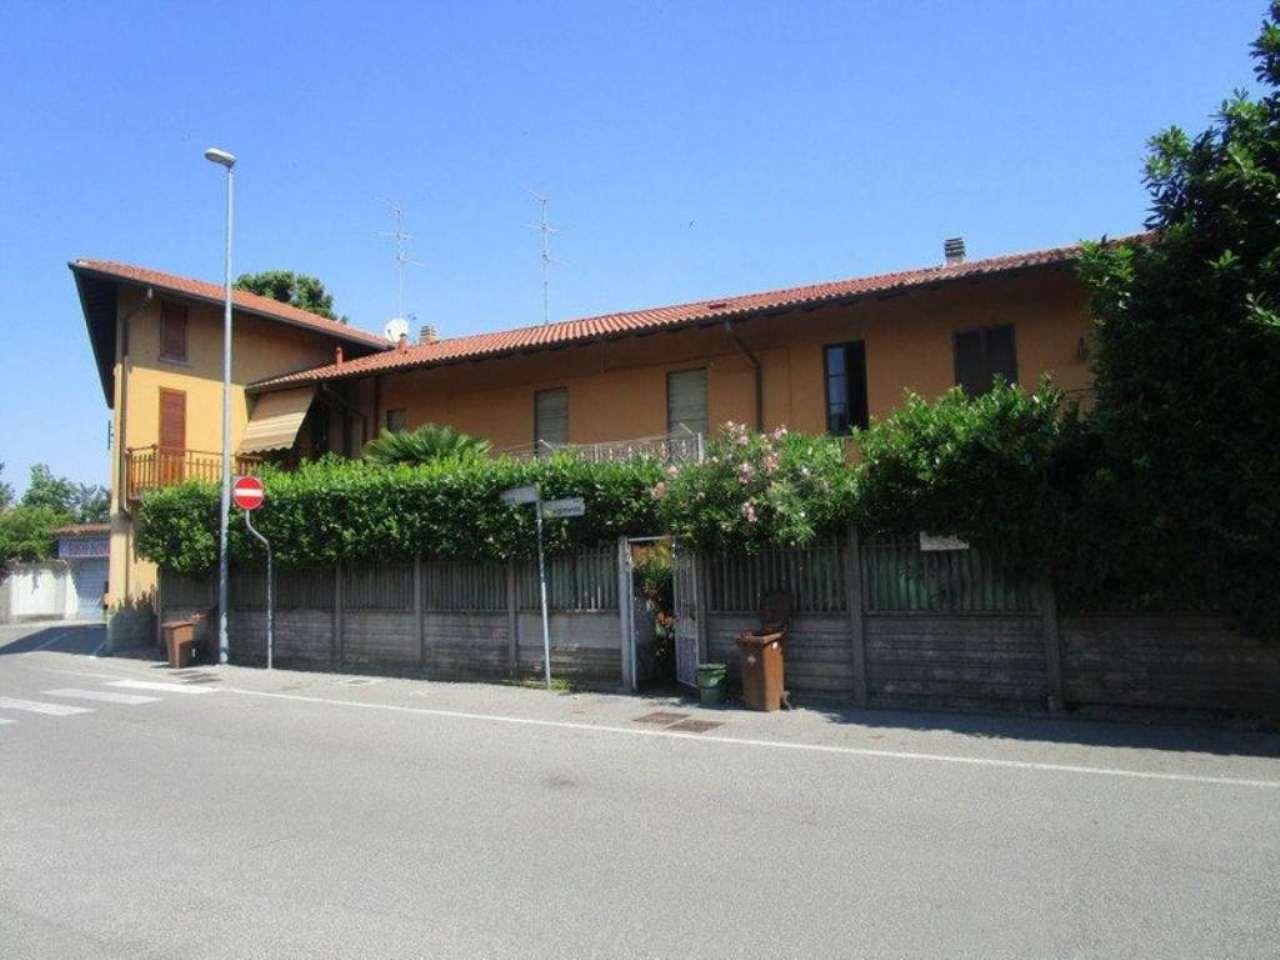 Rustico / Casale in affitto a Aicurzio, 3 locali, prezzo € 400 | Cambio Casa.it